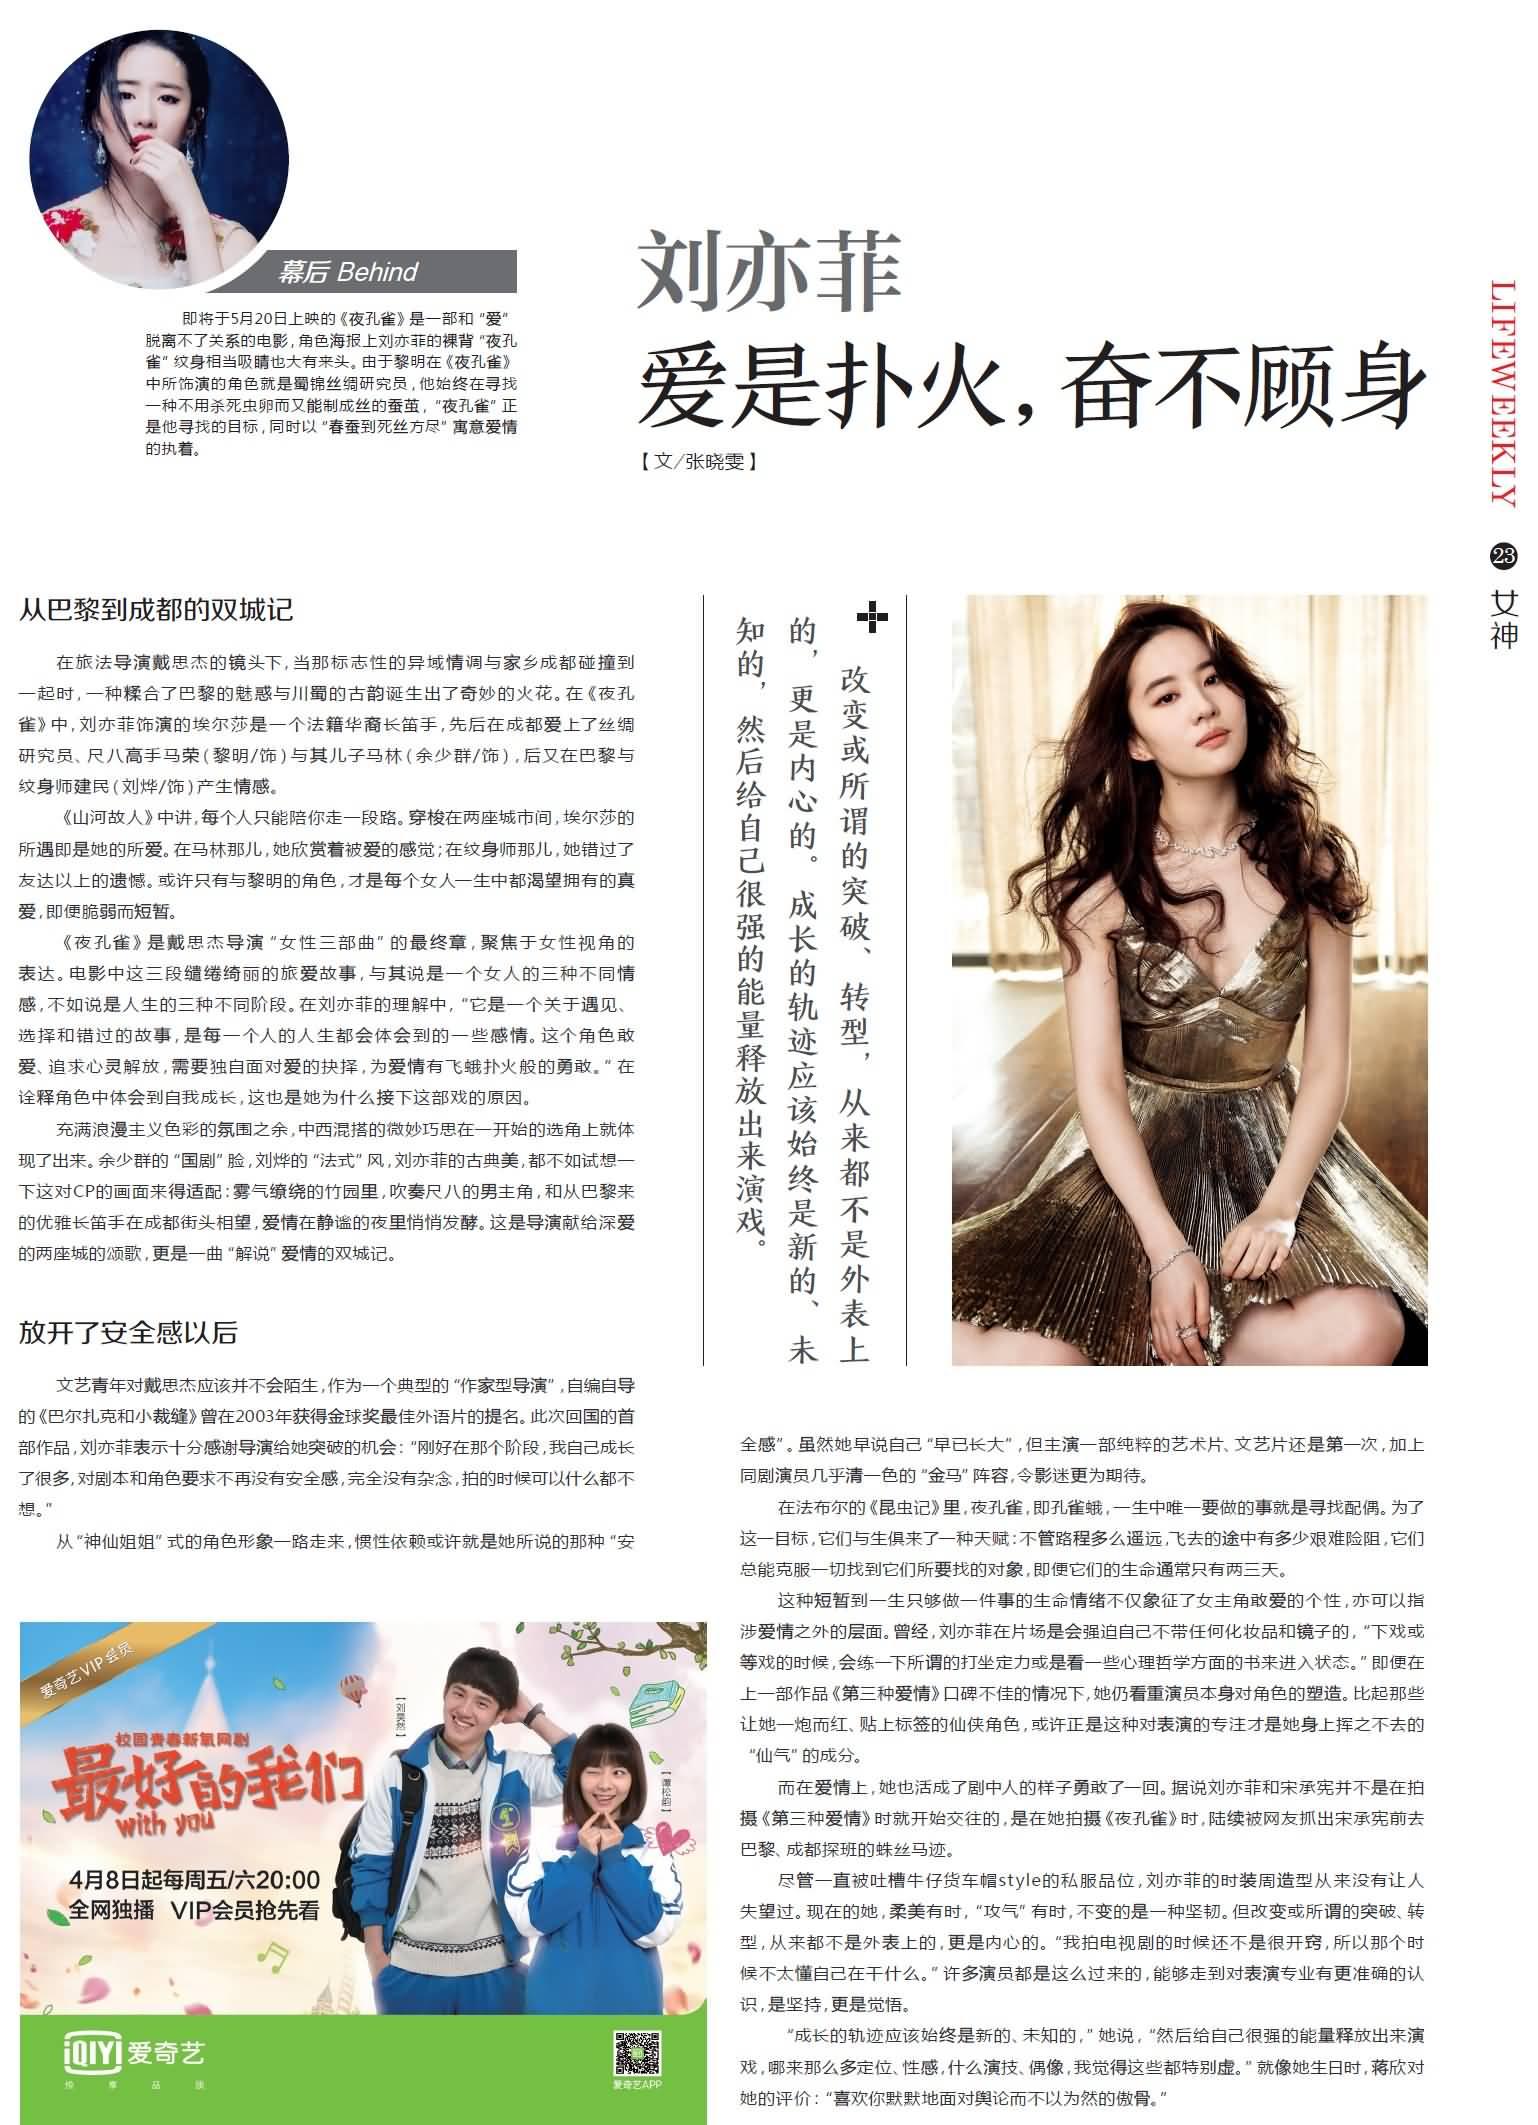 《生活周刊》封面及内页大图 《刘亦菲》[2016.5.29]